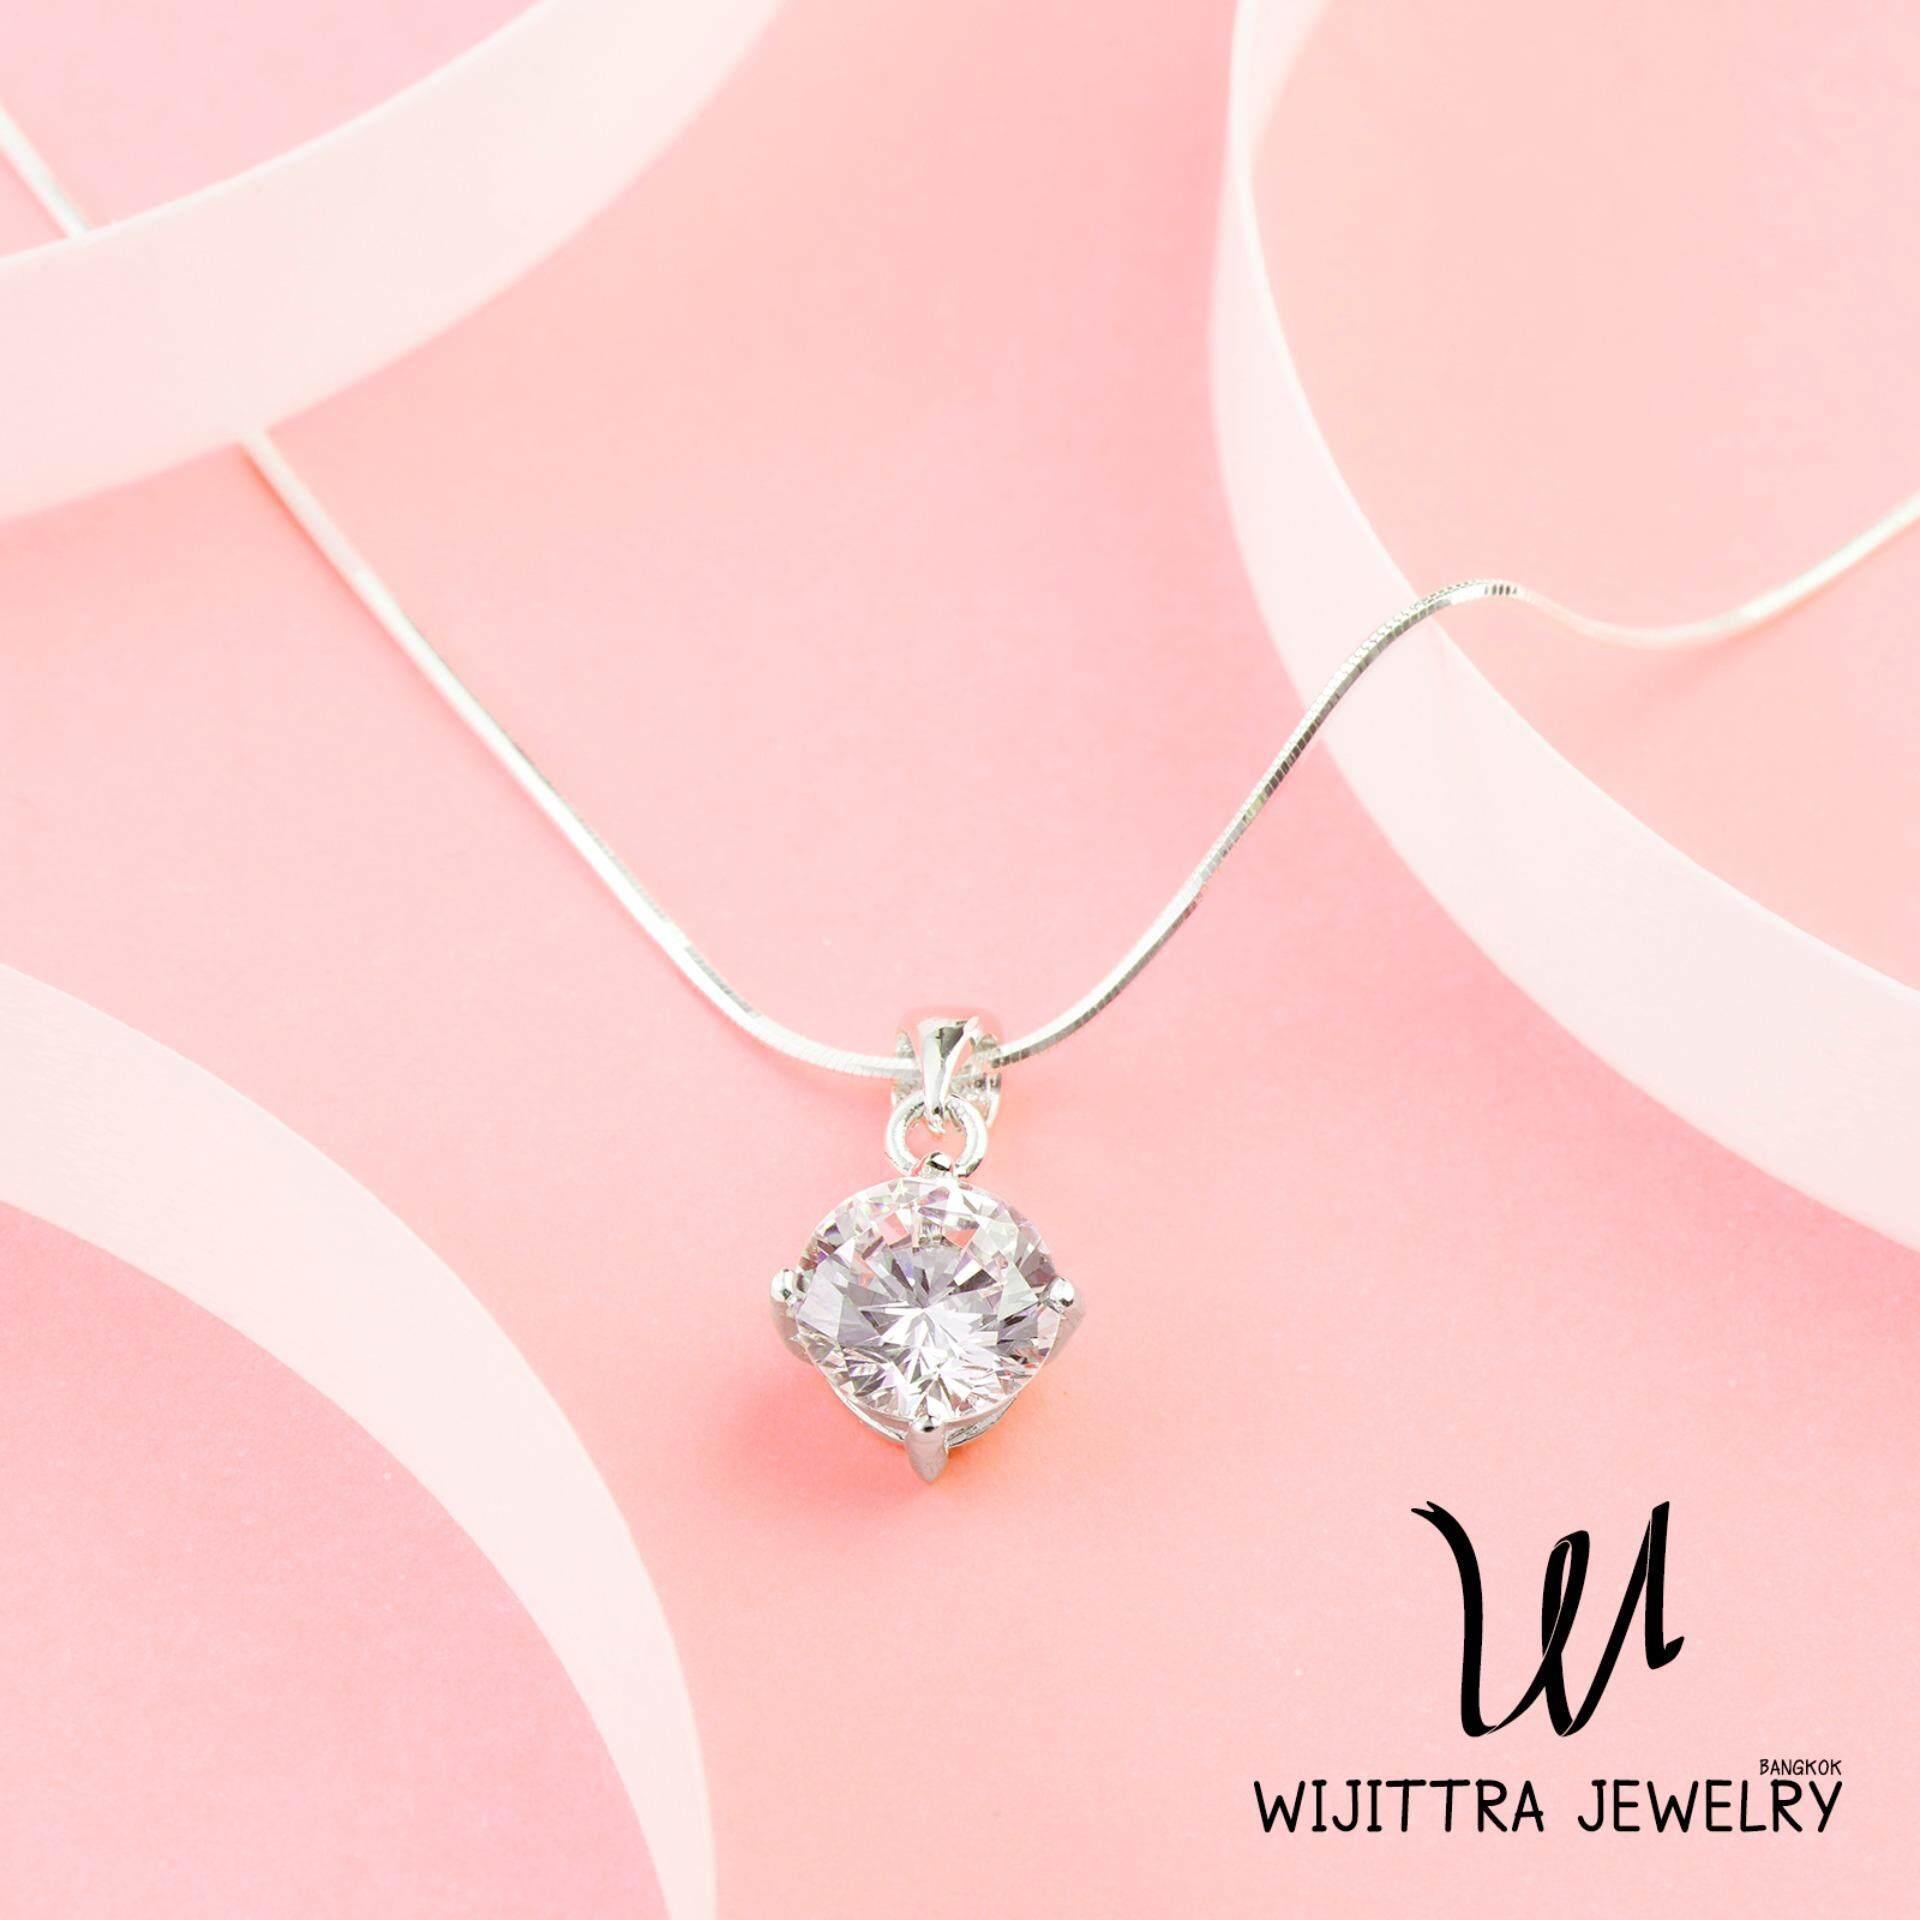 ขาย North Star Wijittra Jewelry สร้อยคอเงินแท้ 925 จี้เพชรสวิส Cubic Zirconia ชุบด้วยโรเดียม พร้อมกล่องเครื่องประดับ High End Octagonal Snake ปรับสายได้ 16 18 นิ้ว Wijittra Jewelry